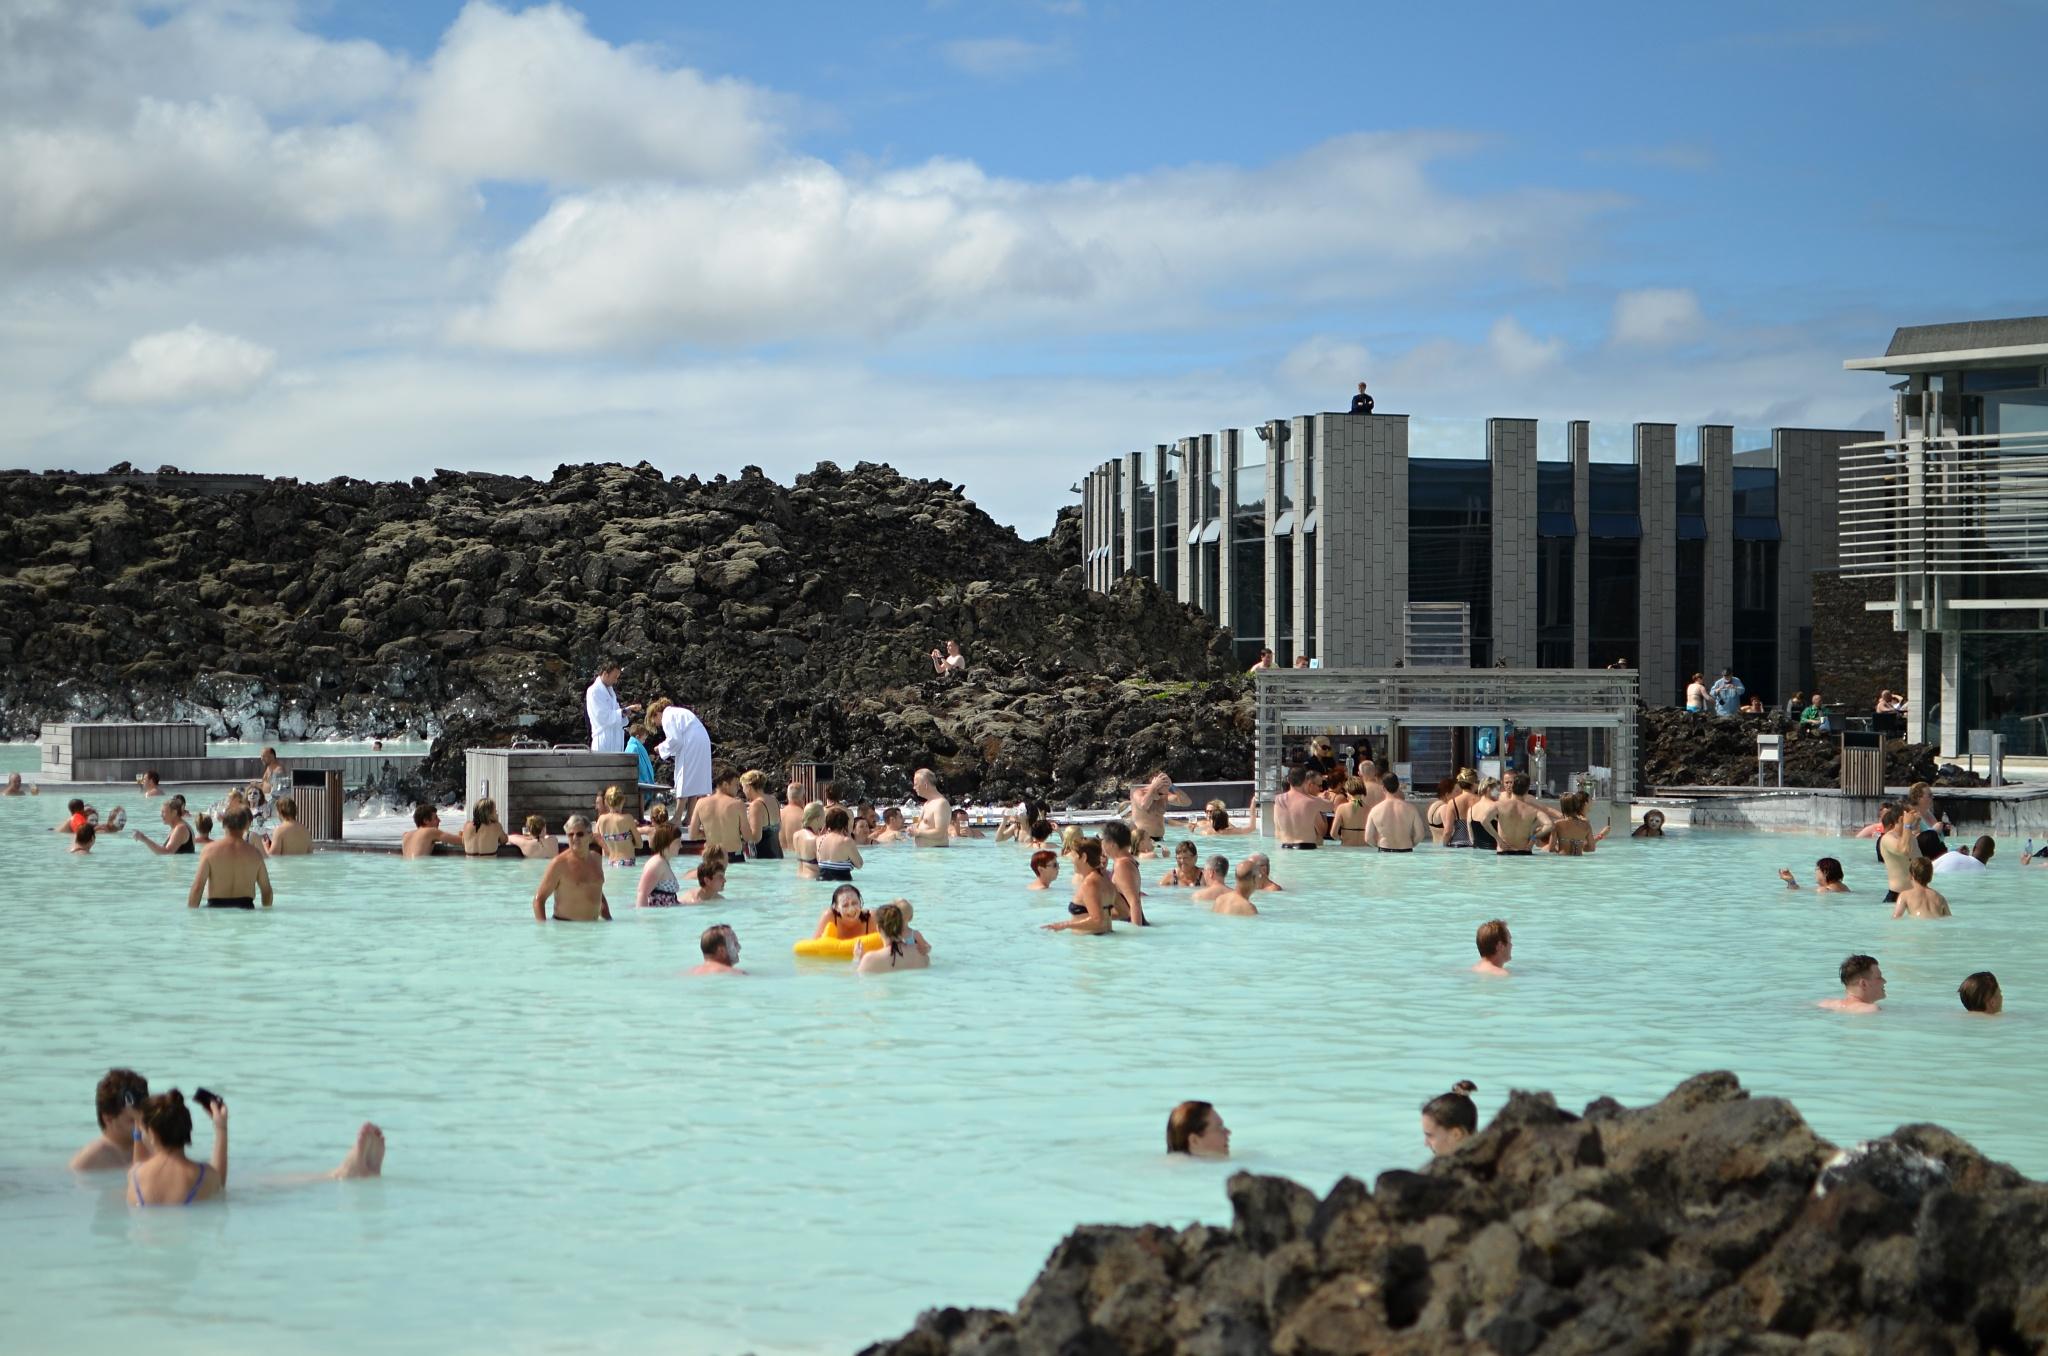 Přírodní lázně Modrá laguna na Islandu